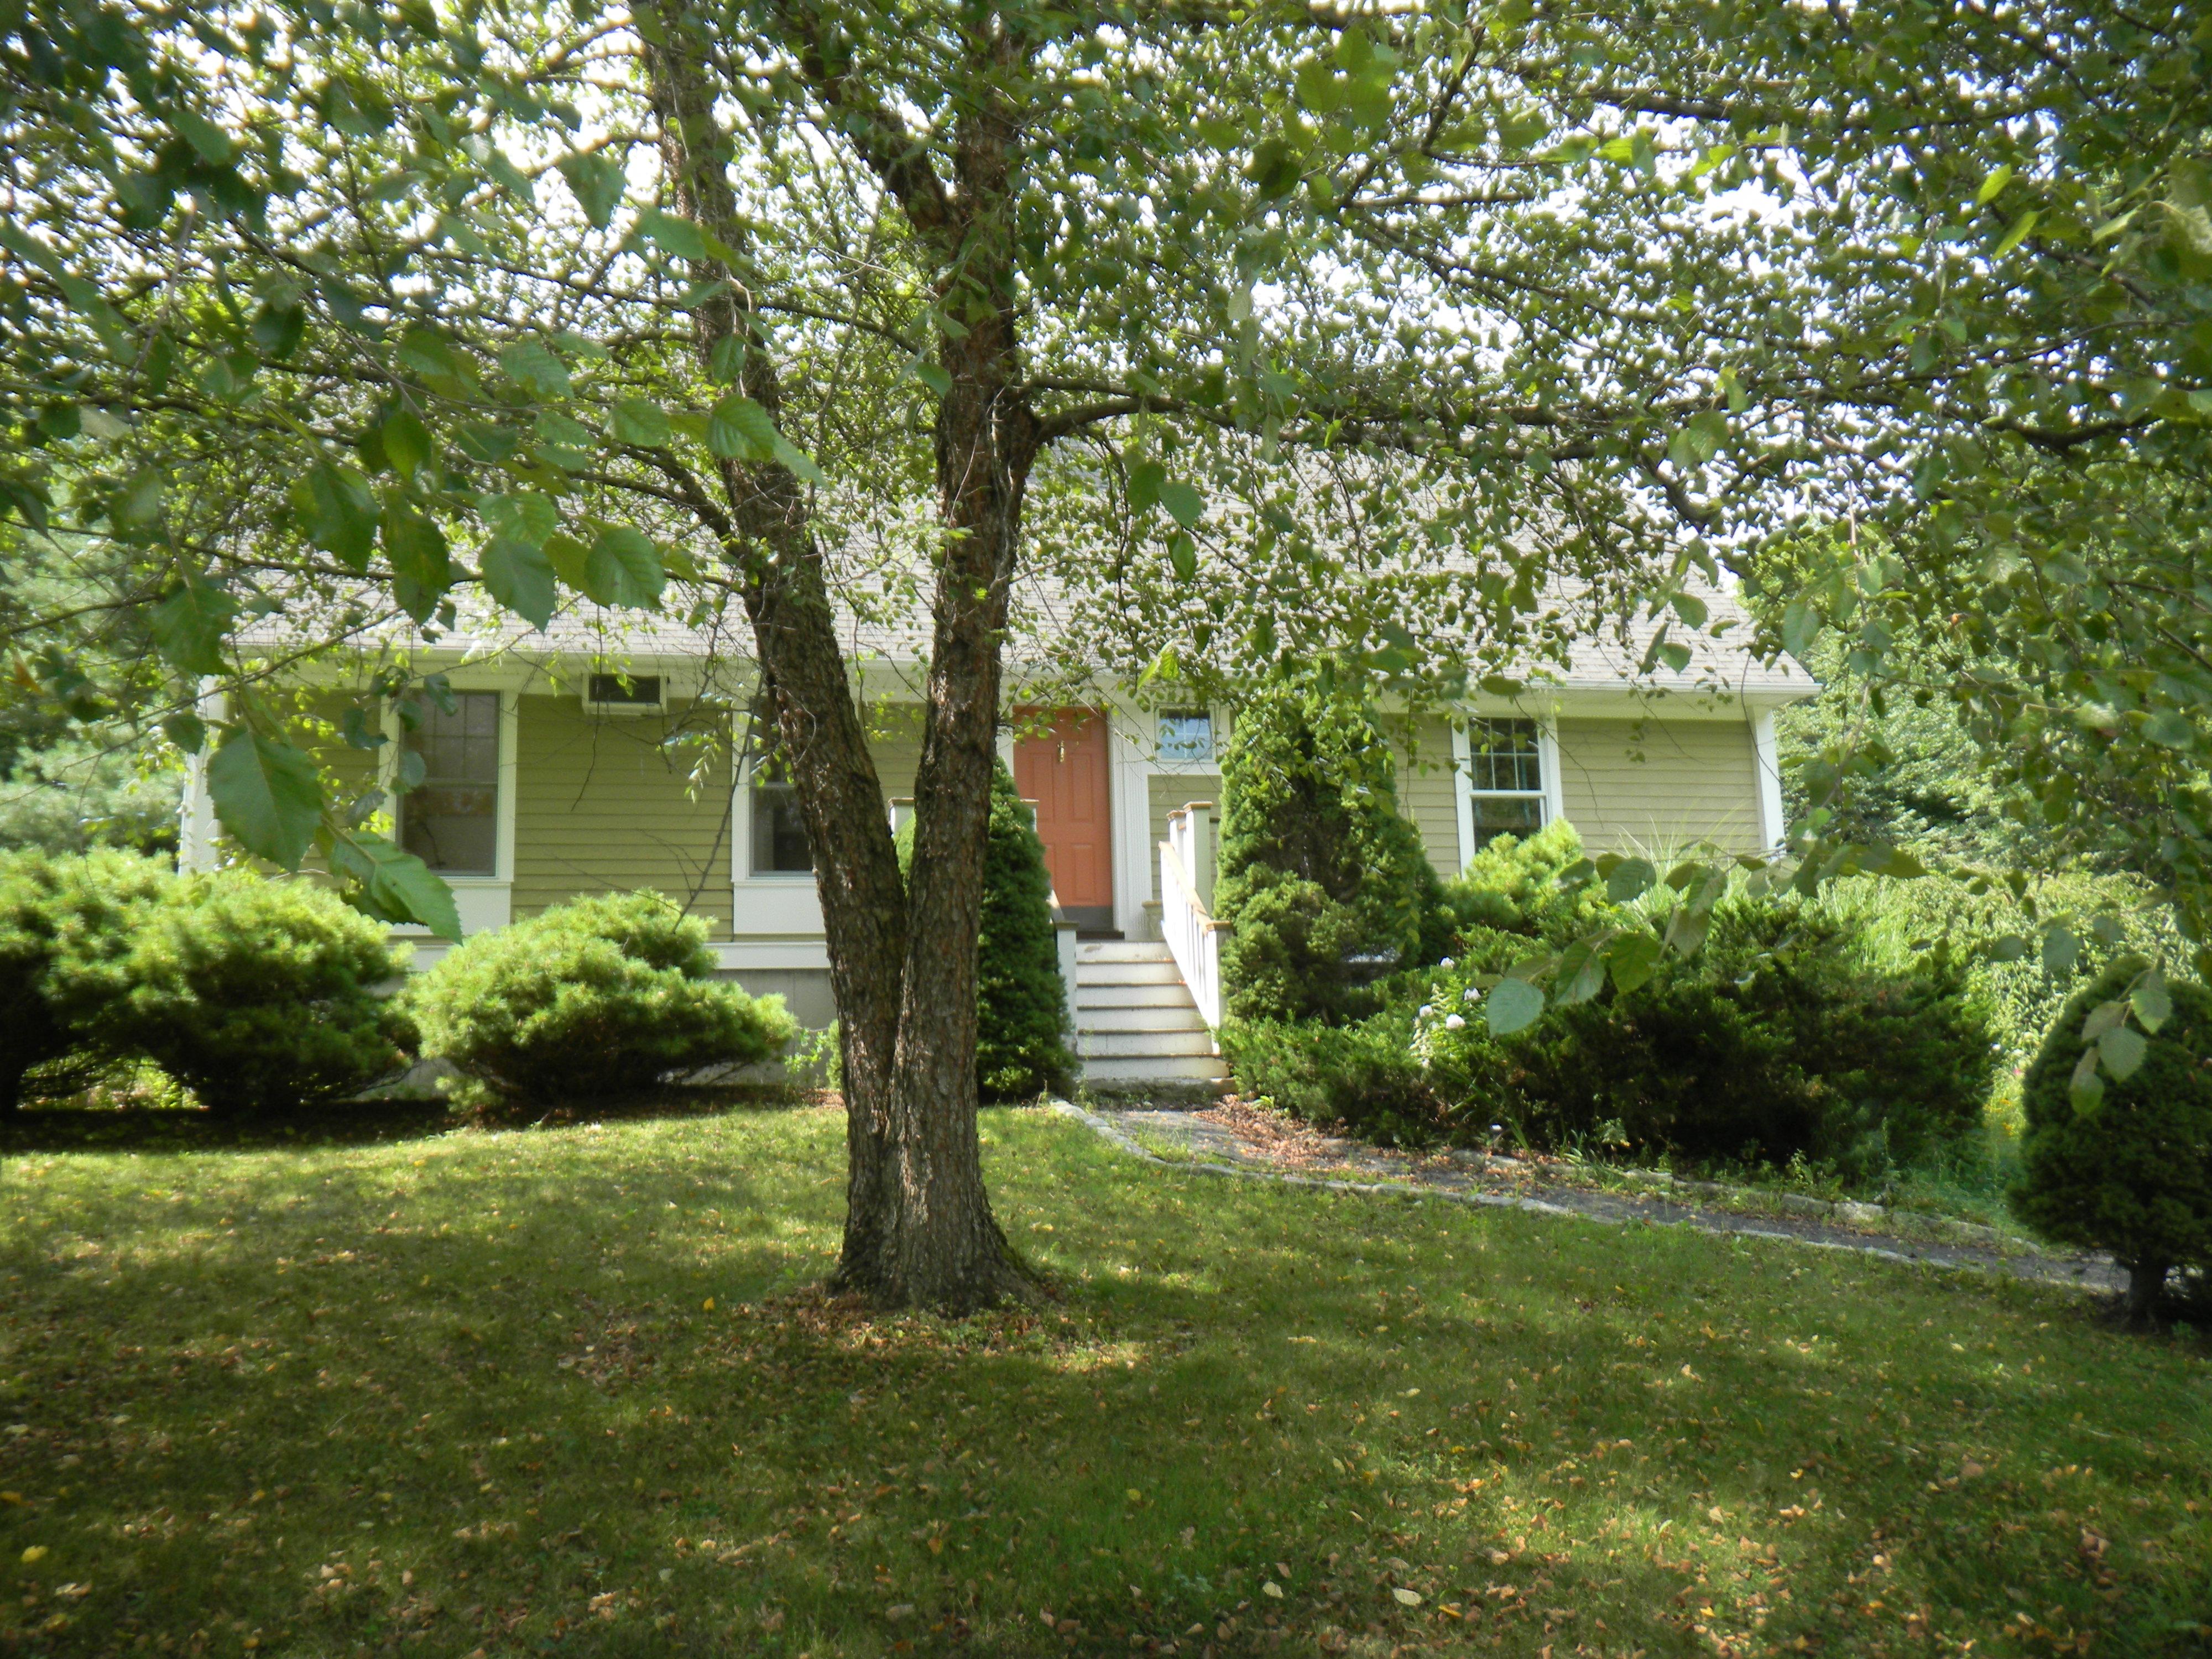 Частный односемейный дом для того Продажа на Light & Bright Woodridge Lake Cape 15 Bentley Cir Goshen, Коннектикут 06756 Соединенные Штаты